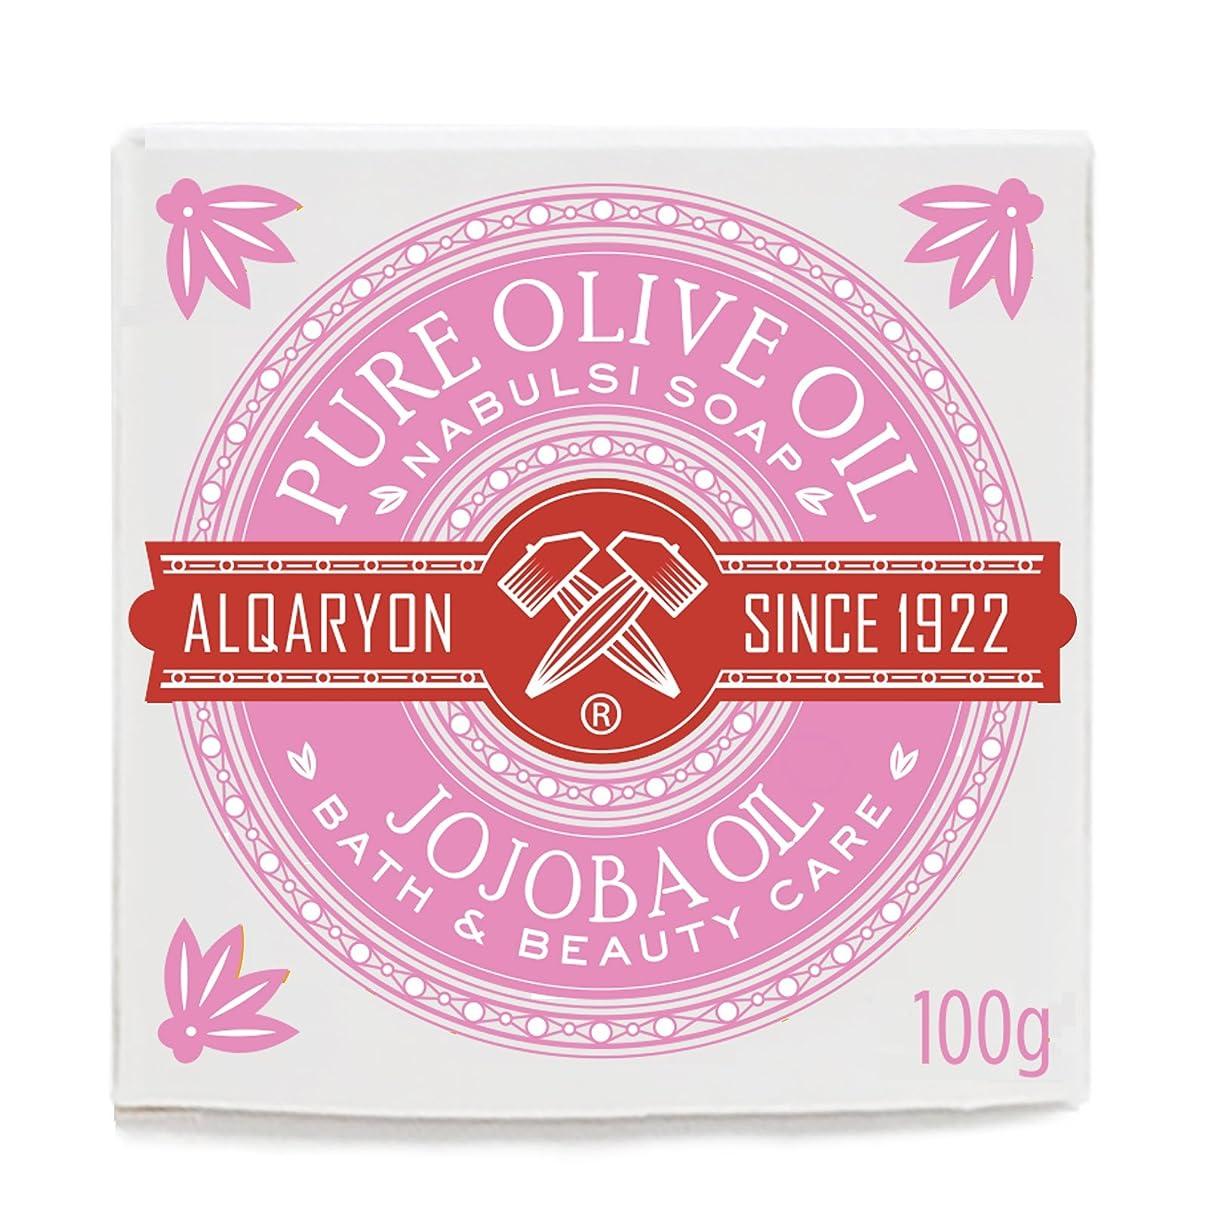 太平洋諸島立方体受け入れAlqaryon Jojoba Oil & Olive Oil Bar Soaps, Pack of 4 Bars 100g - Alqaryonのホホバ オイルとオリーブオイル ソープ、バス & ビューティー ケア、100gの石鹸4個のパック